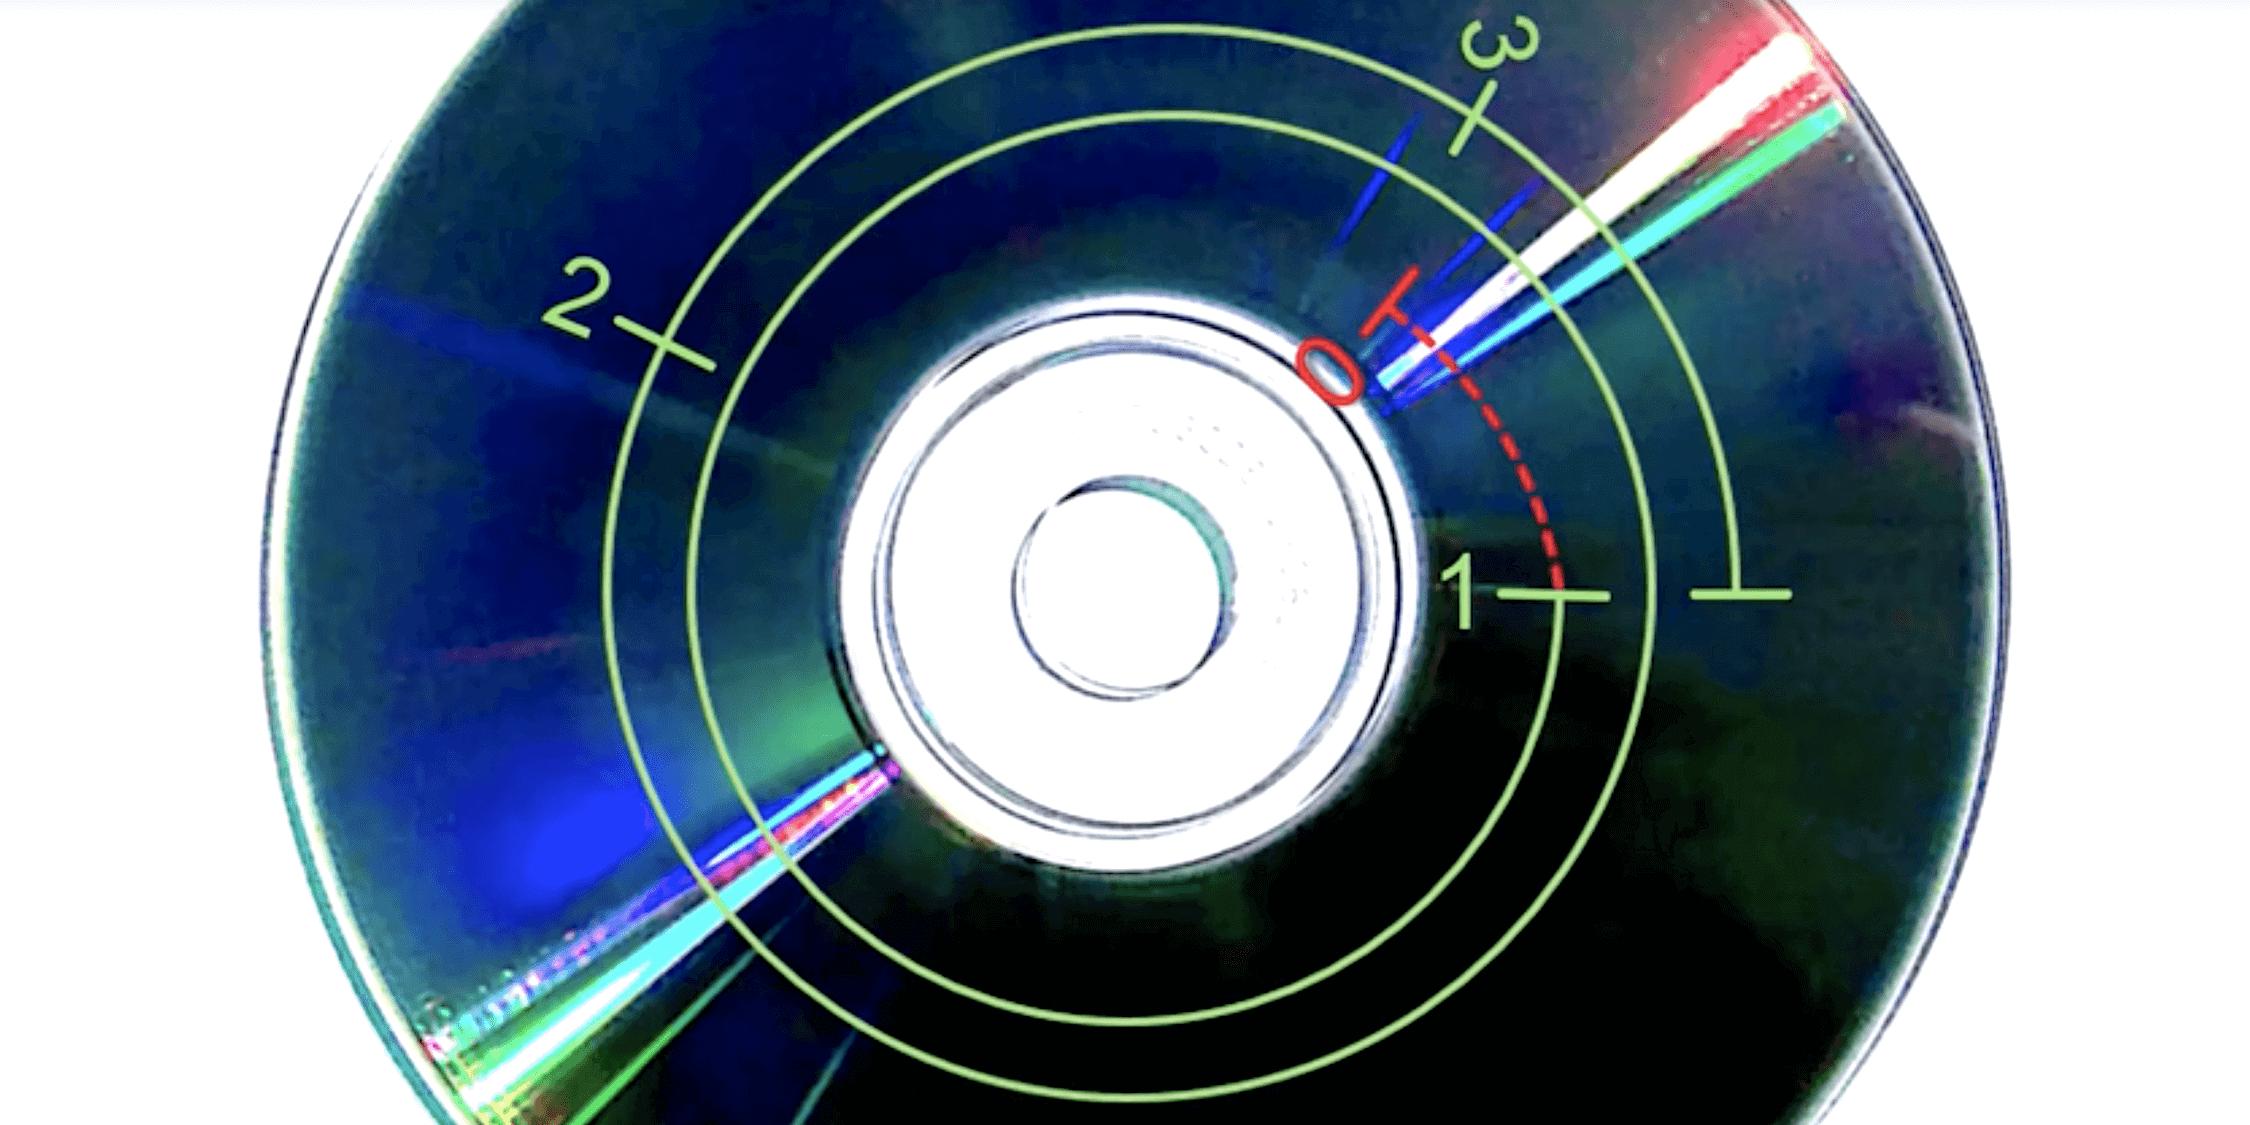 Подарки для внимательных слушателей: какие аудиопасхалки прятали в «pre-gap» на Audio CD - 3